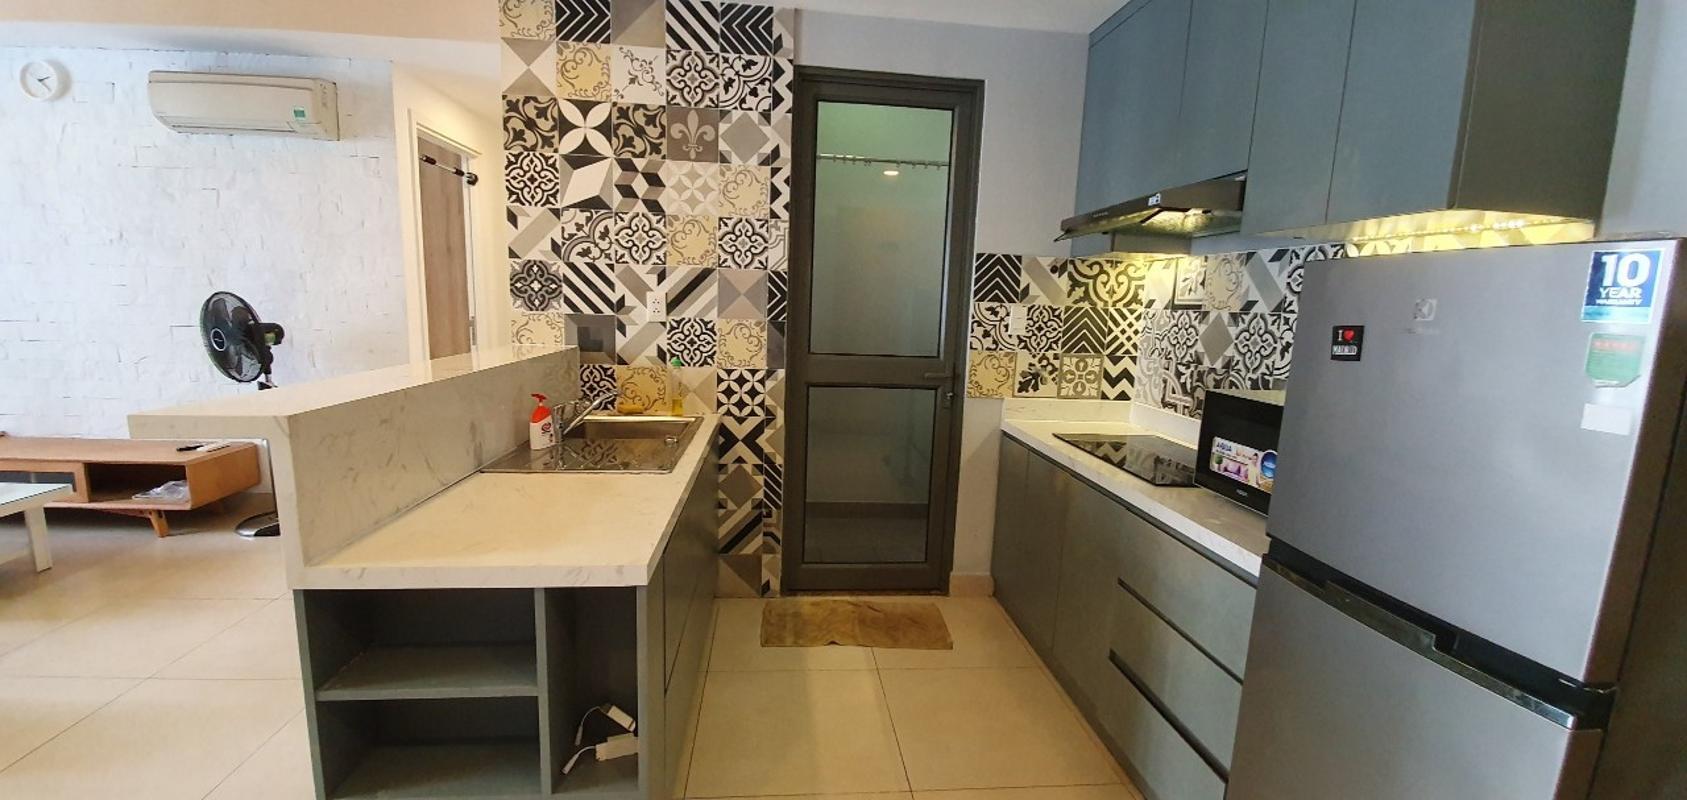 78f86cb0222dc4739d3c Bán hoặc cho thuê căn hộ Masteri Thảo Điền 2 phòng ngủ, diện tích 66m2, đầy đủ nội thất